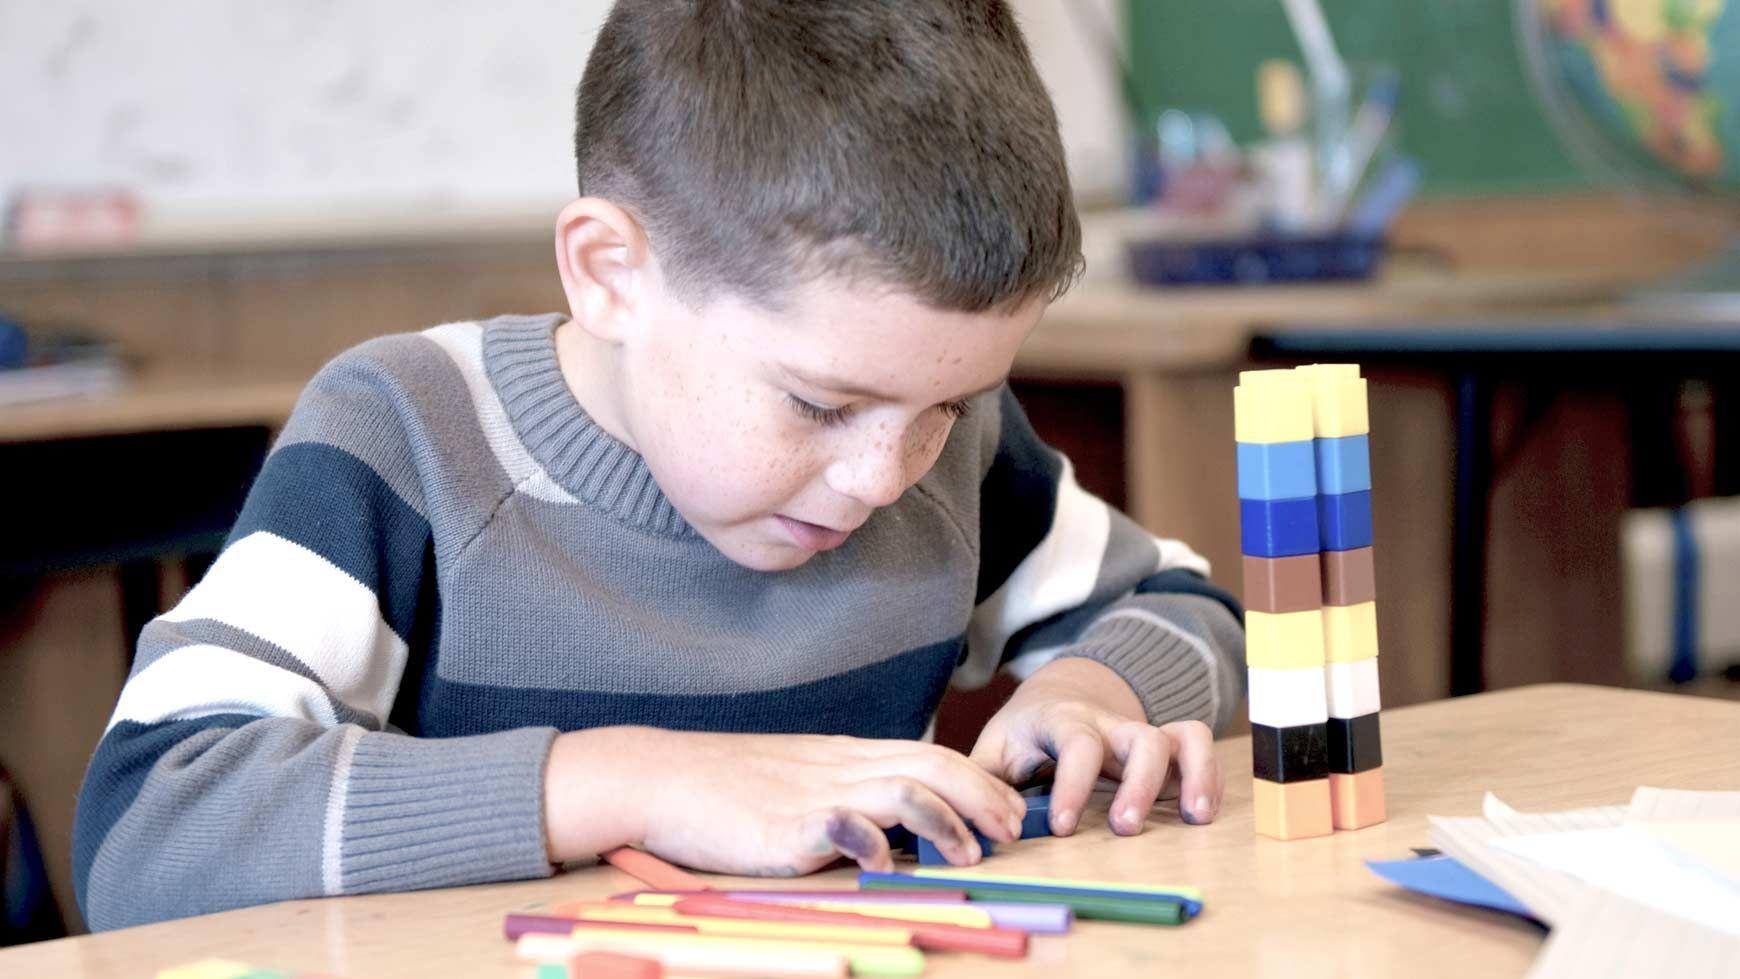 Typical Developmental Milestones For Grade Schoolers